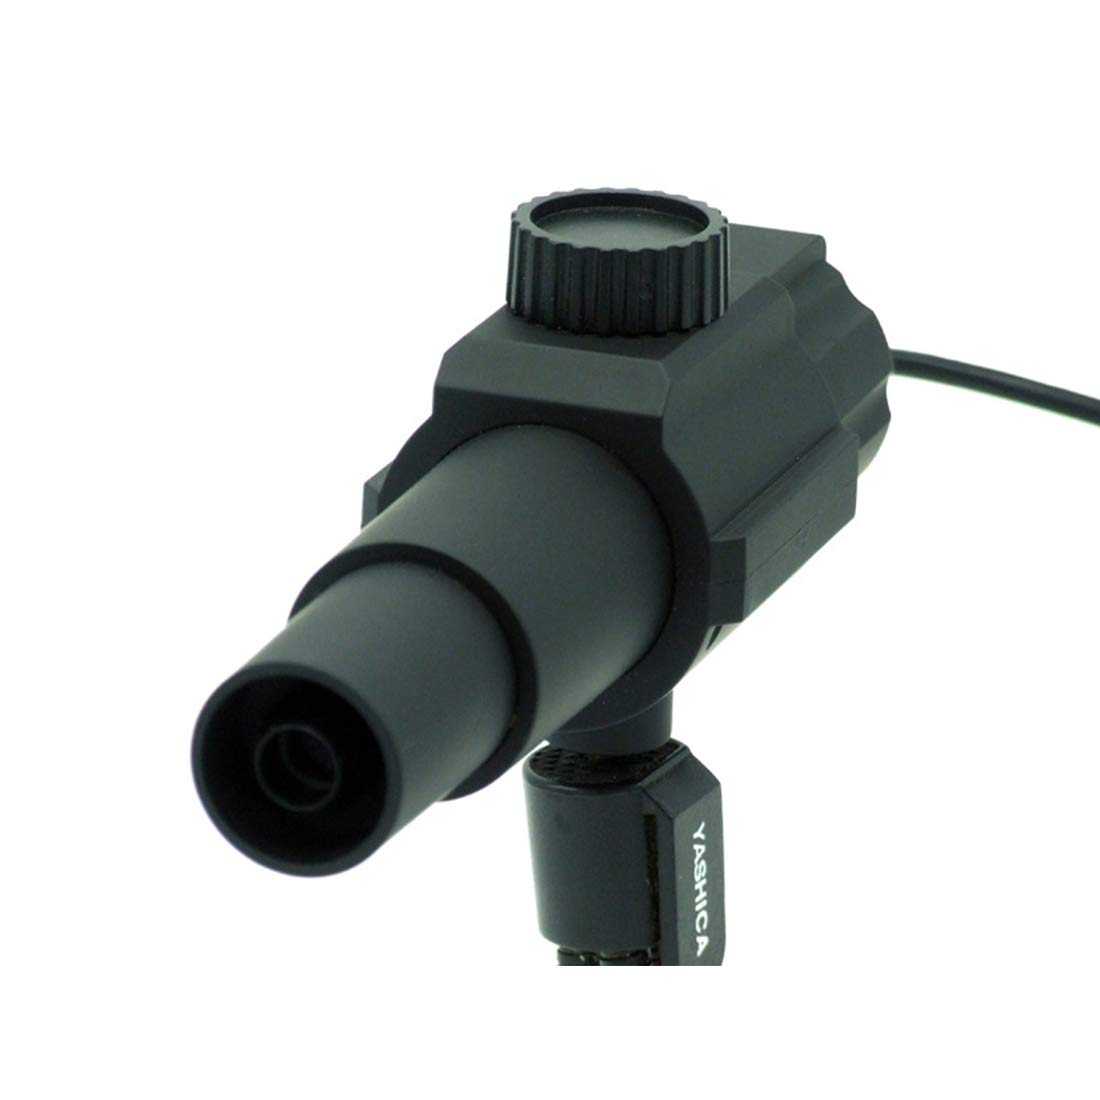 Pollusui Cámara de vigilancia con Aumento de de de 70x con telescopio monocular USB Digtal 4029b7